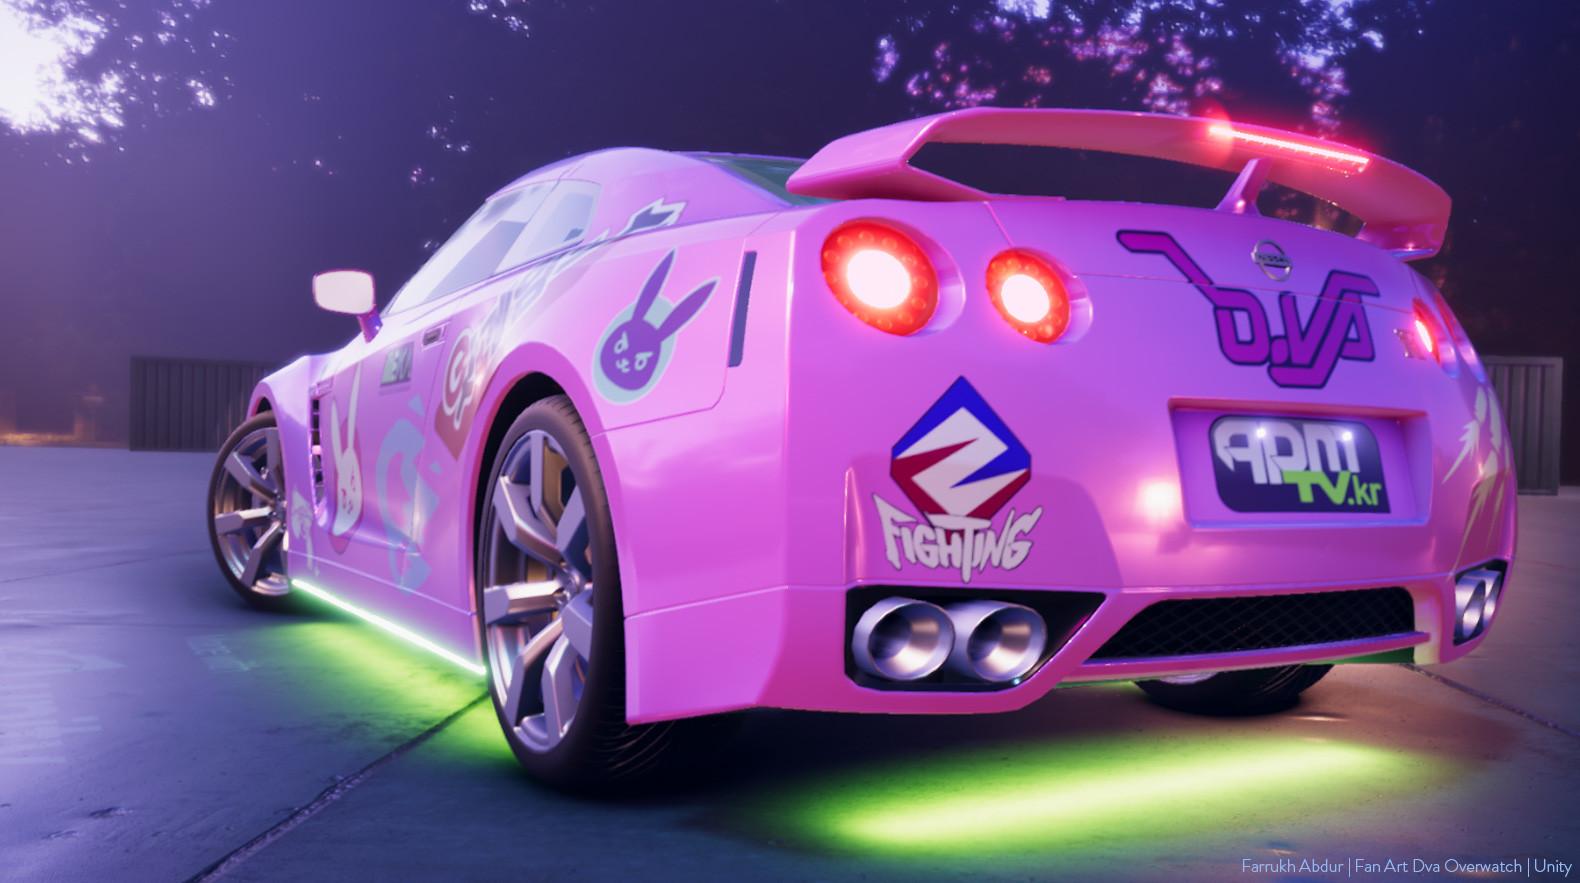 ArtStation - Dva Fanart Car - Unity 3d, Farrukh Abdur